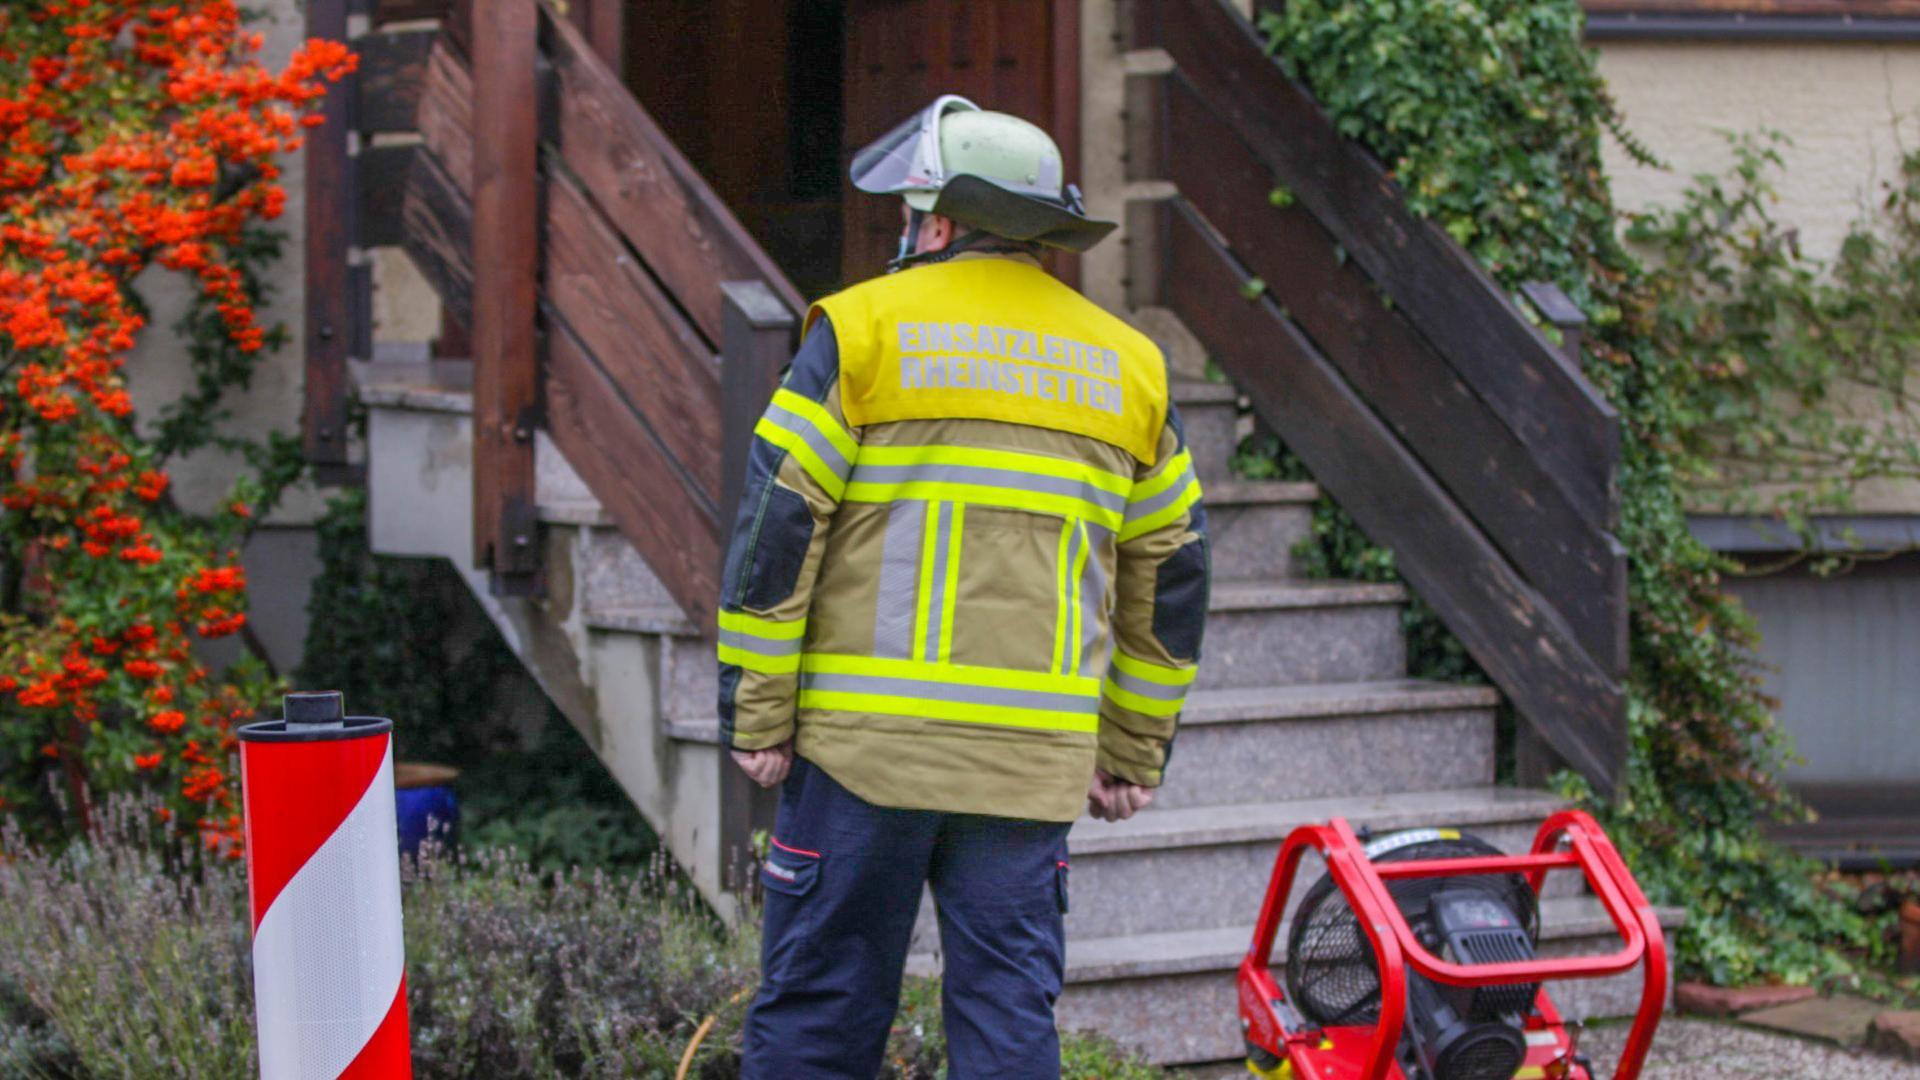 Der Einsatzleiter der Feuerwehr Rheinstetten steht bei einem Einsatz wegen einer Kohlenmonoxid-Vergiftung vor einem Wohnhaus.